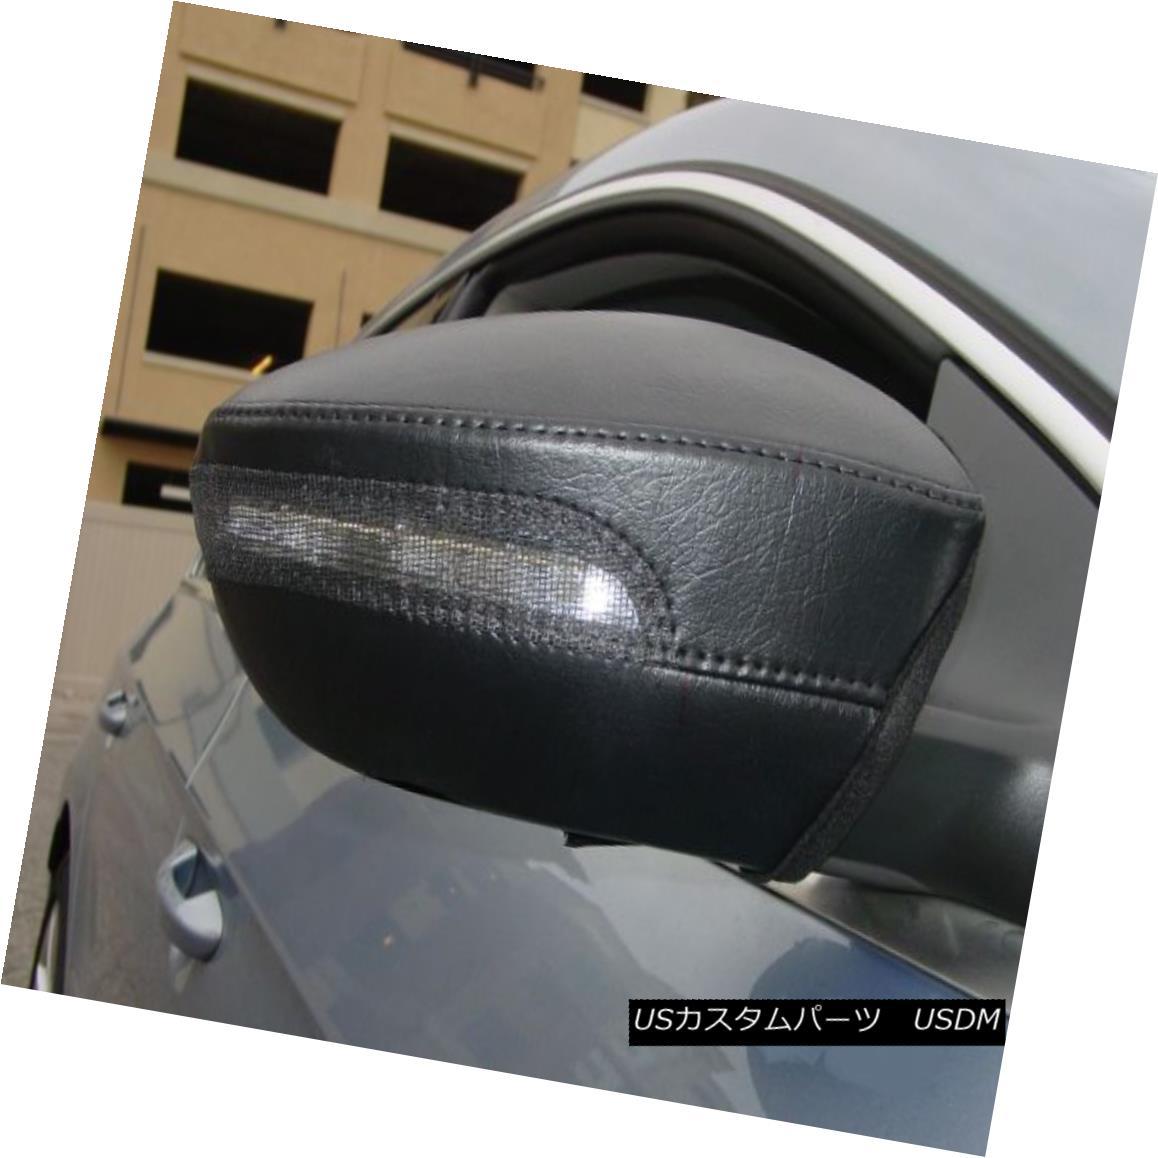 USフルブラ・USノーズブラ Colgan Car Mirror Covers Bra Black Fits 2012-2013 Volkswagen GTi w/ Signal Light コルガン車のミラーカバーブラブラックは2012年から2013年にフィットフォルクスワーゲンGTiシグナルライト